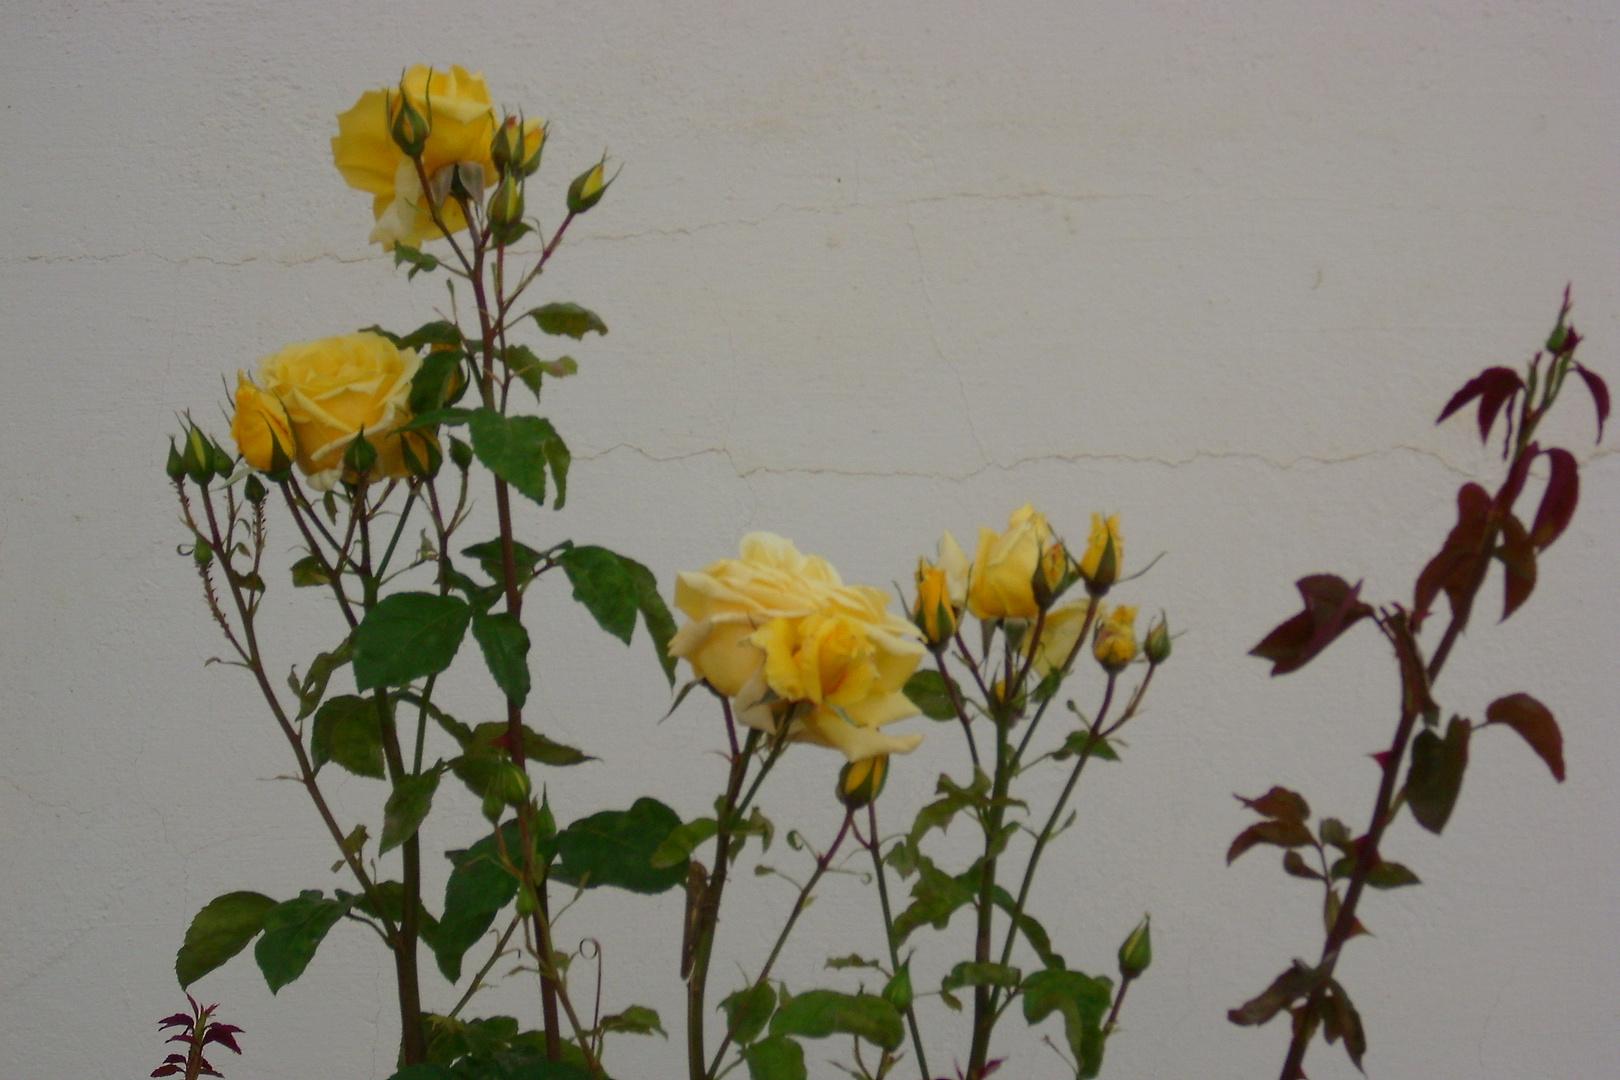 El rosal amarillo